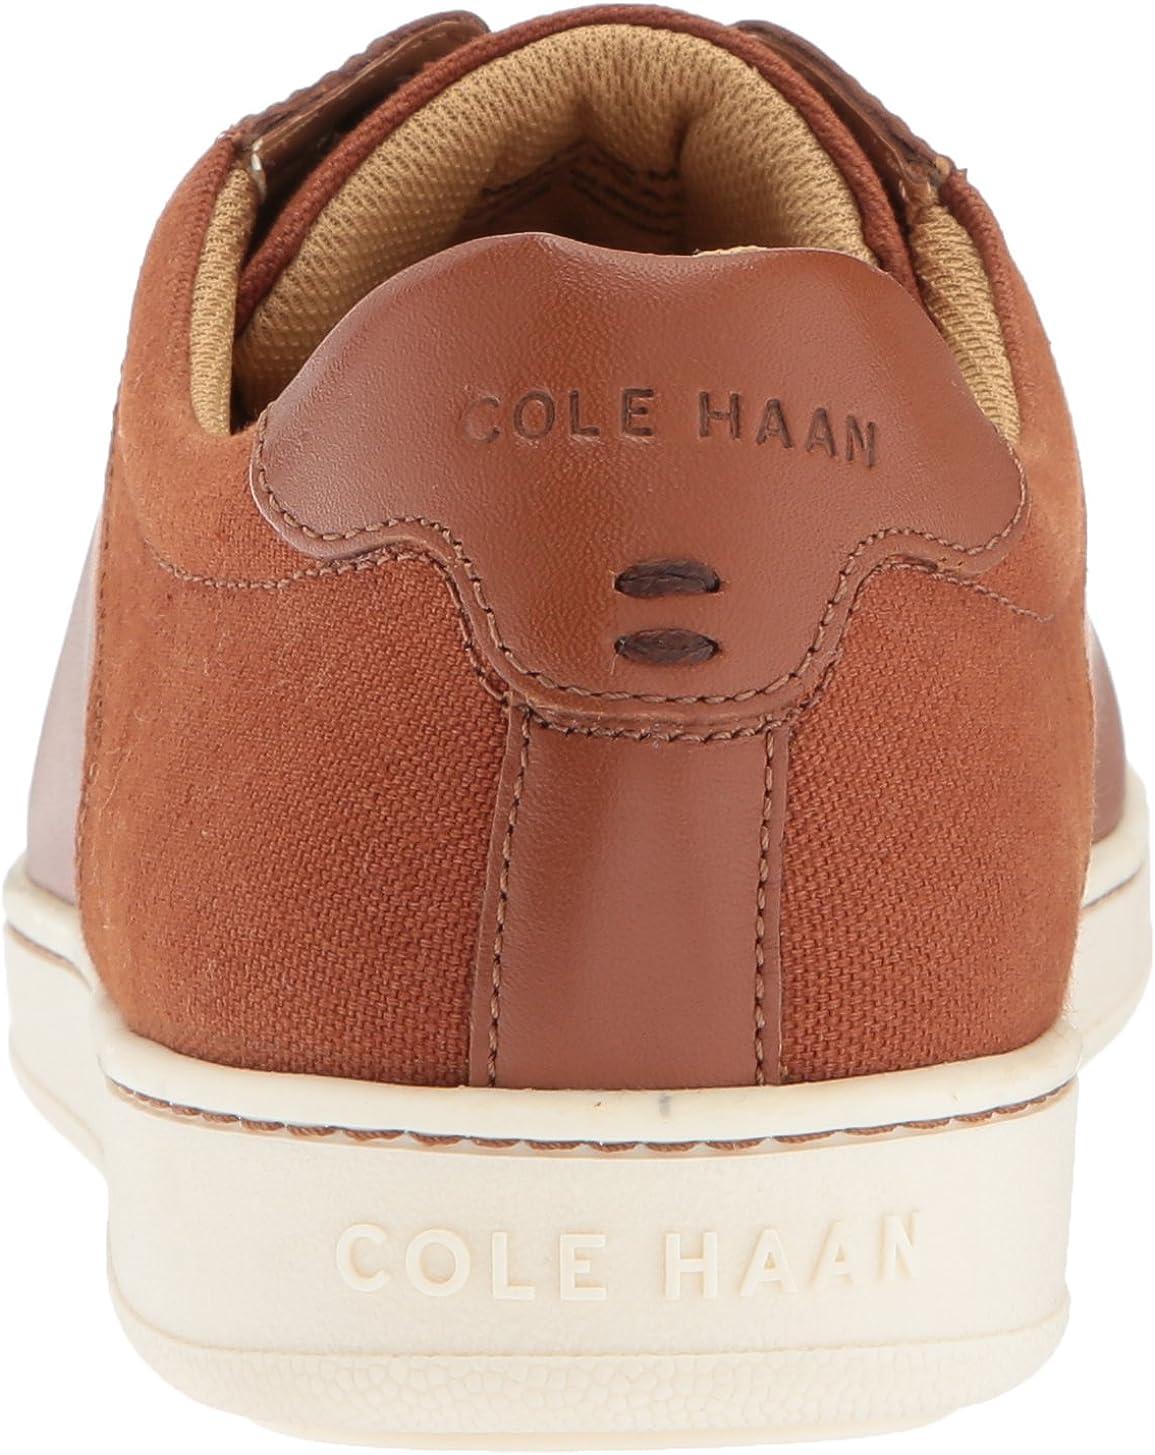 Cole Haan Men's Shapley Sneaker Ii